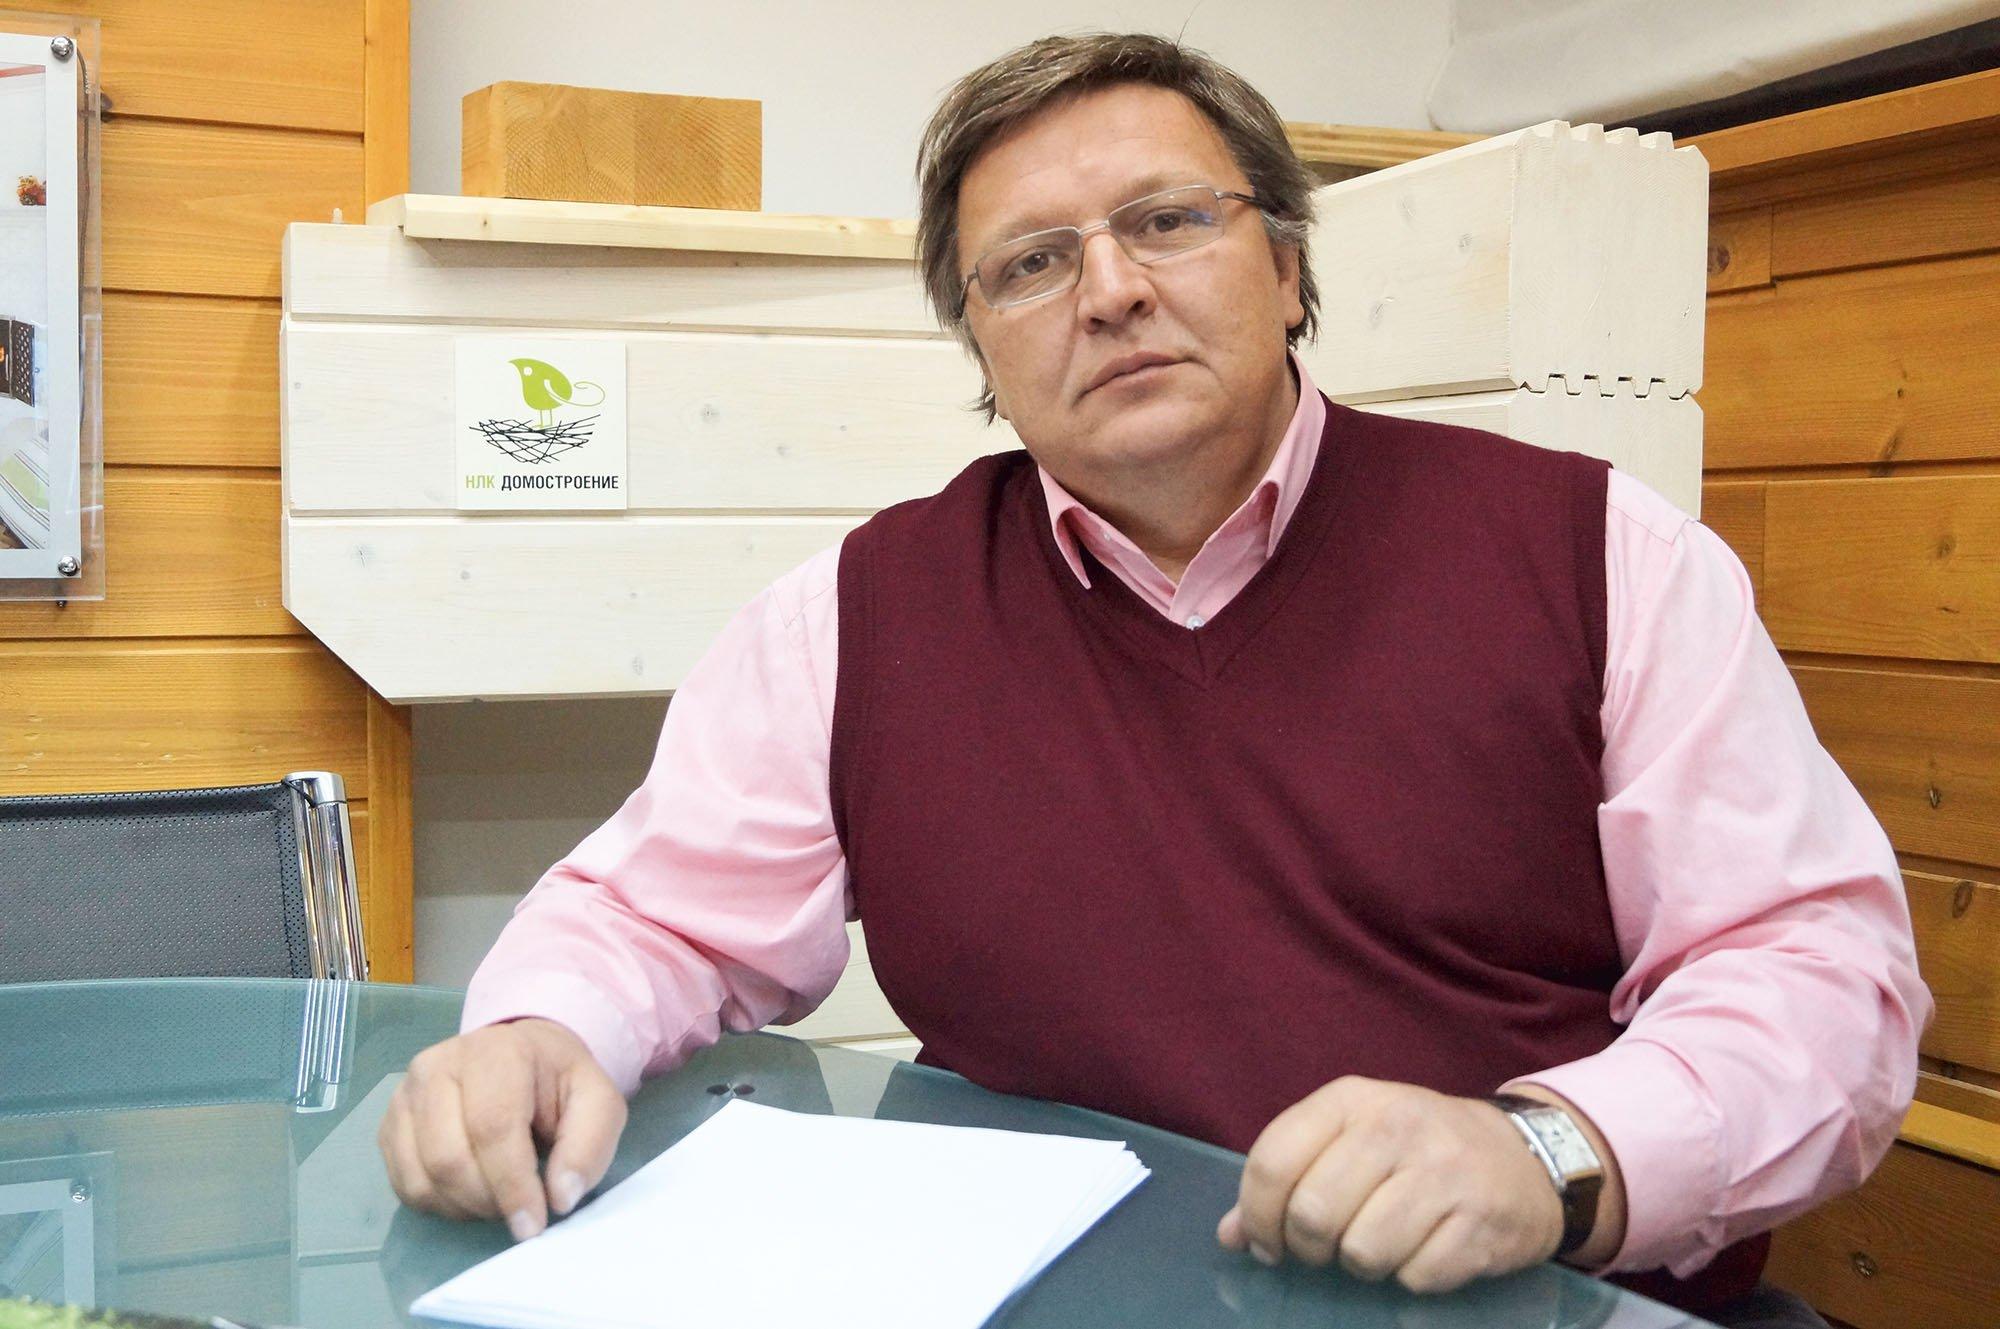 Константин Блинов, Директор по развитию НЛК Домостроение